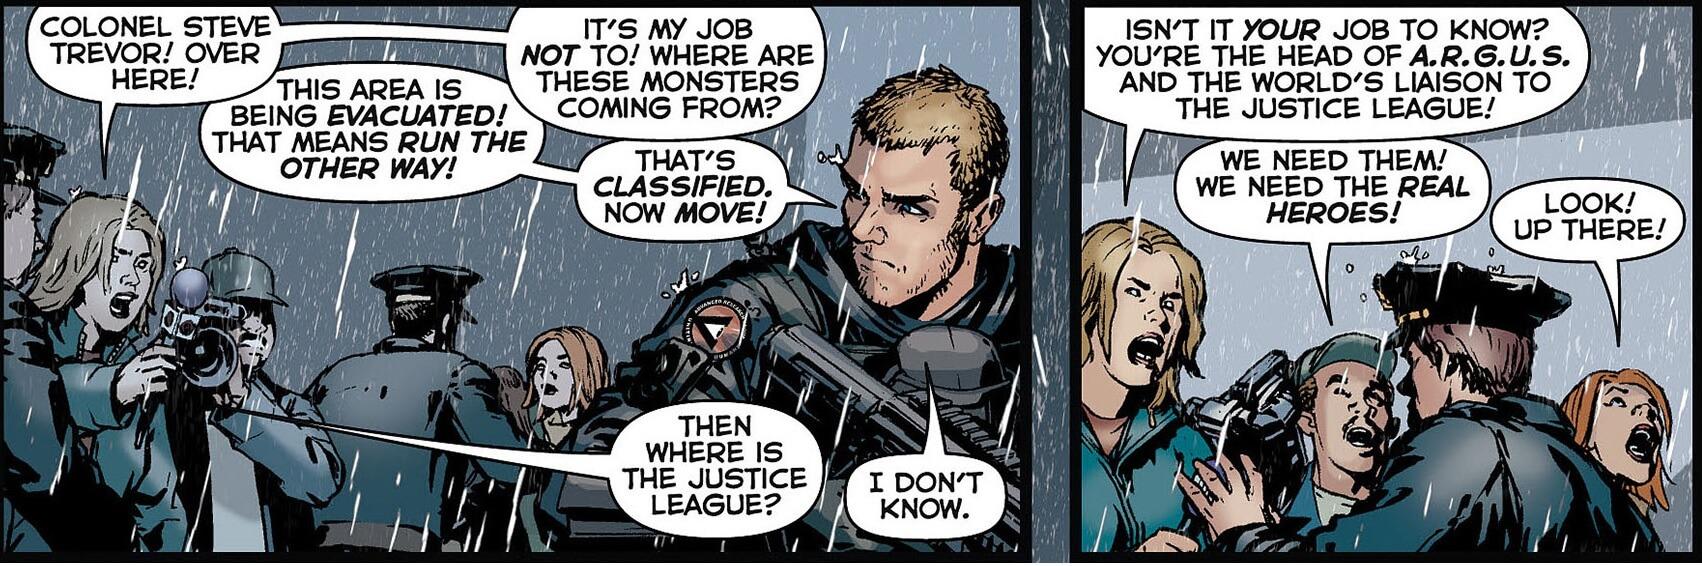 Justice League 7.jpg